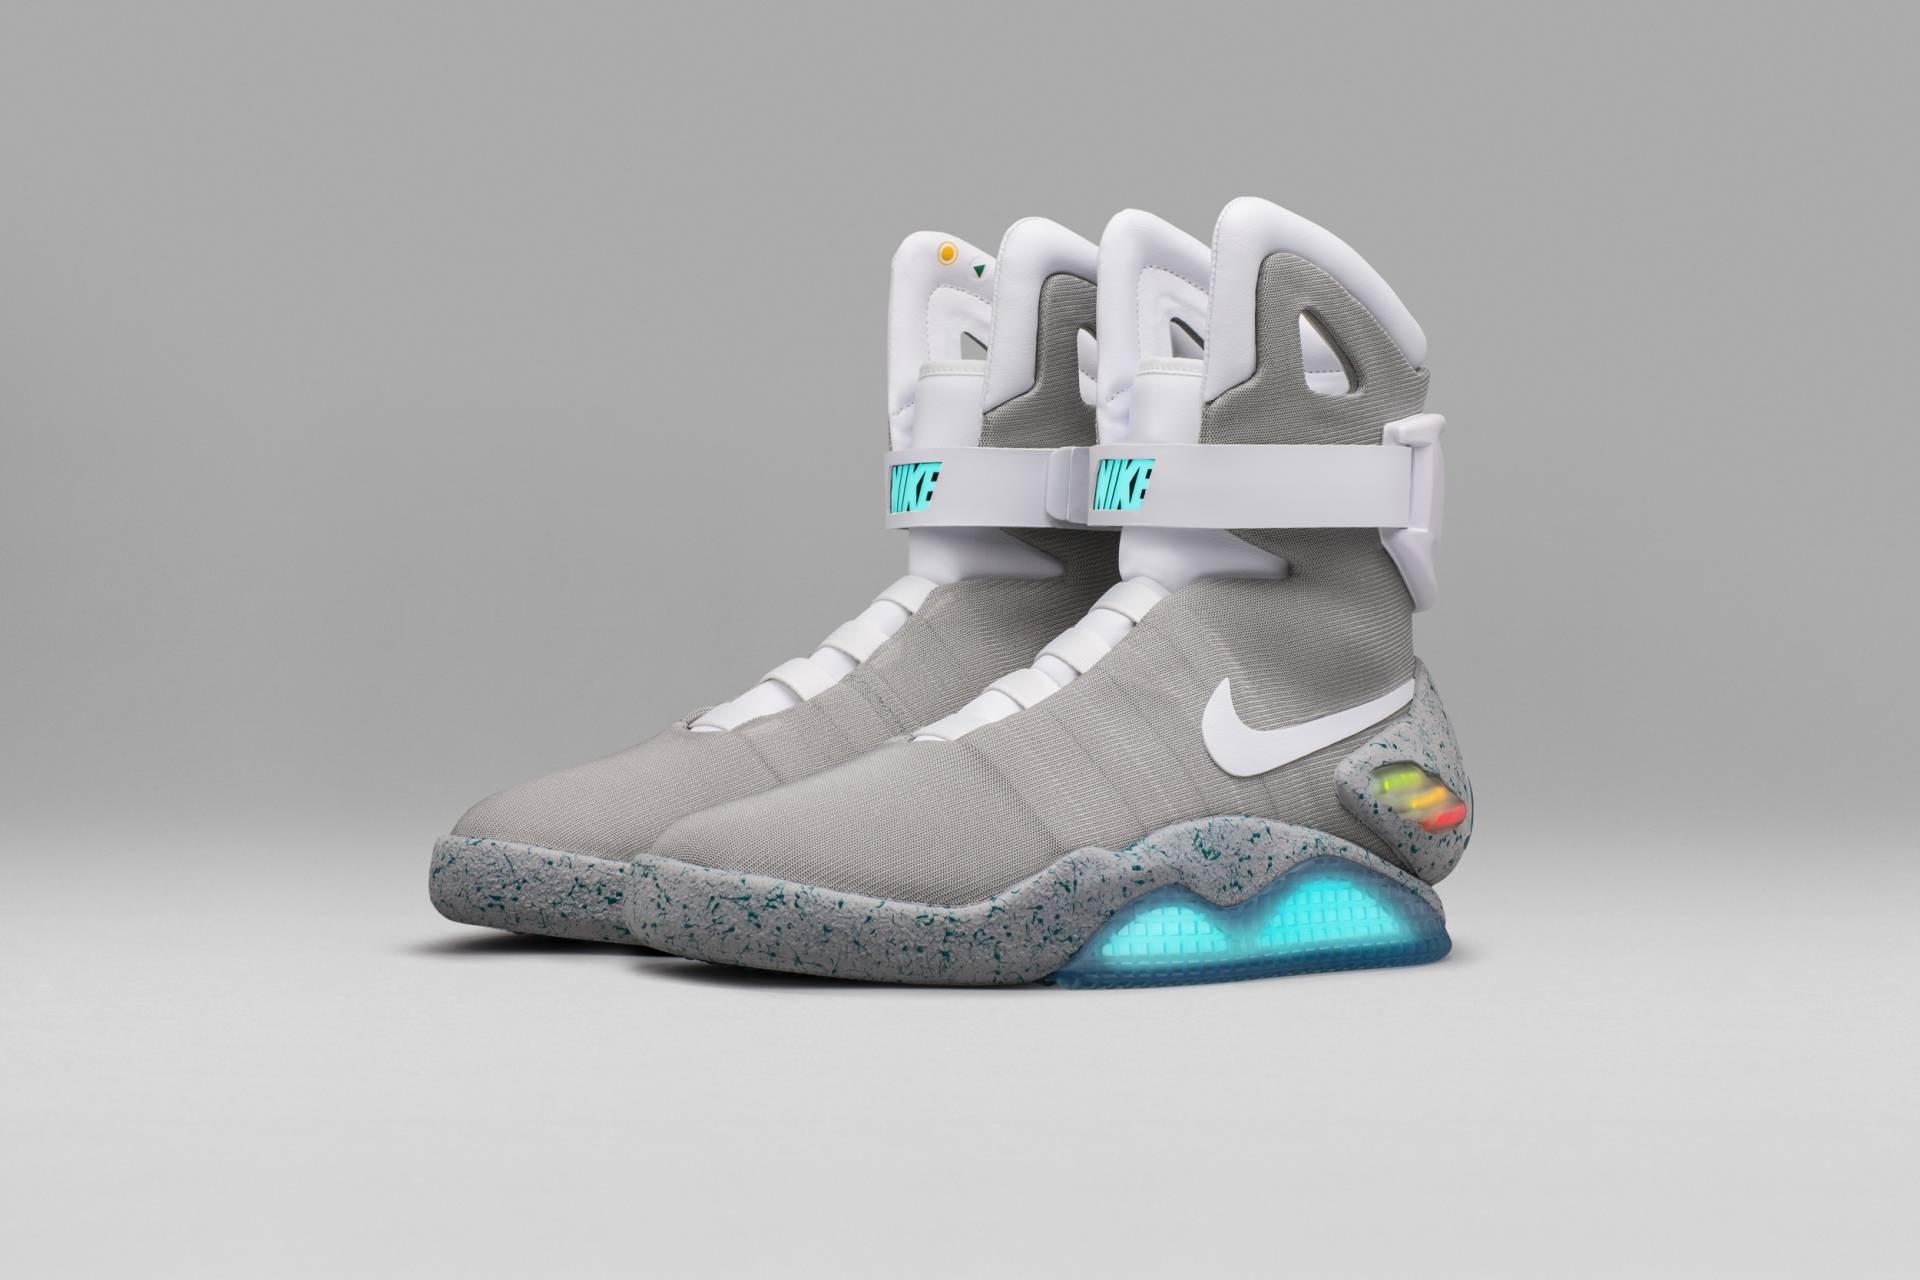 Kobe Adidas Shoes 2